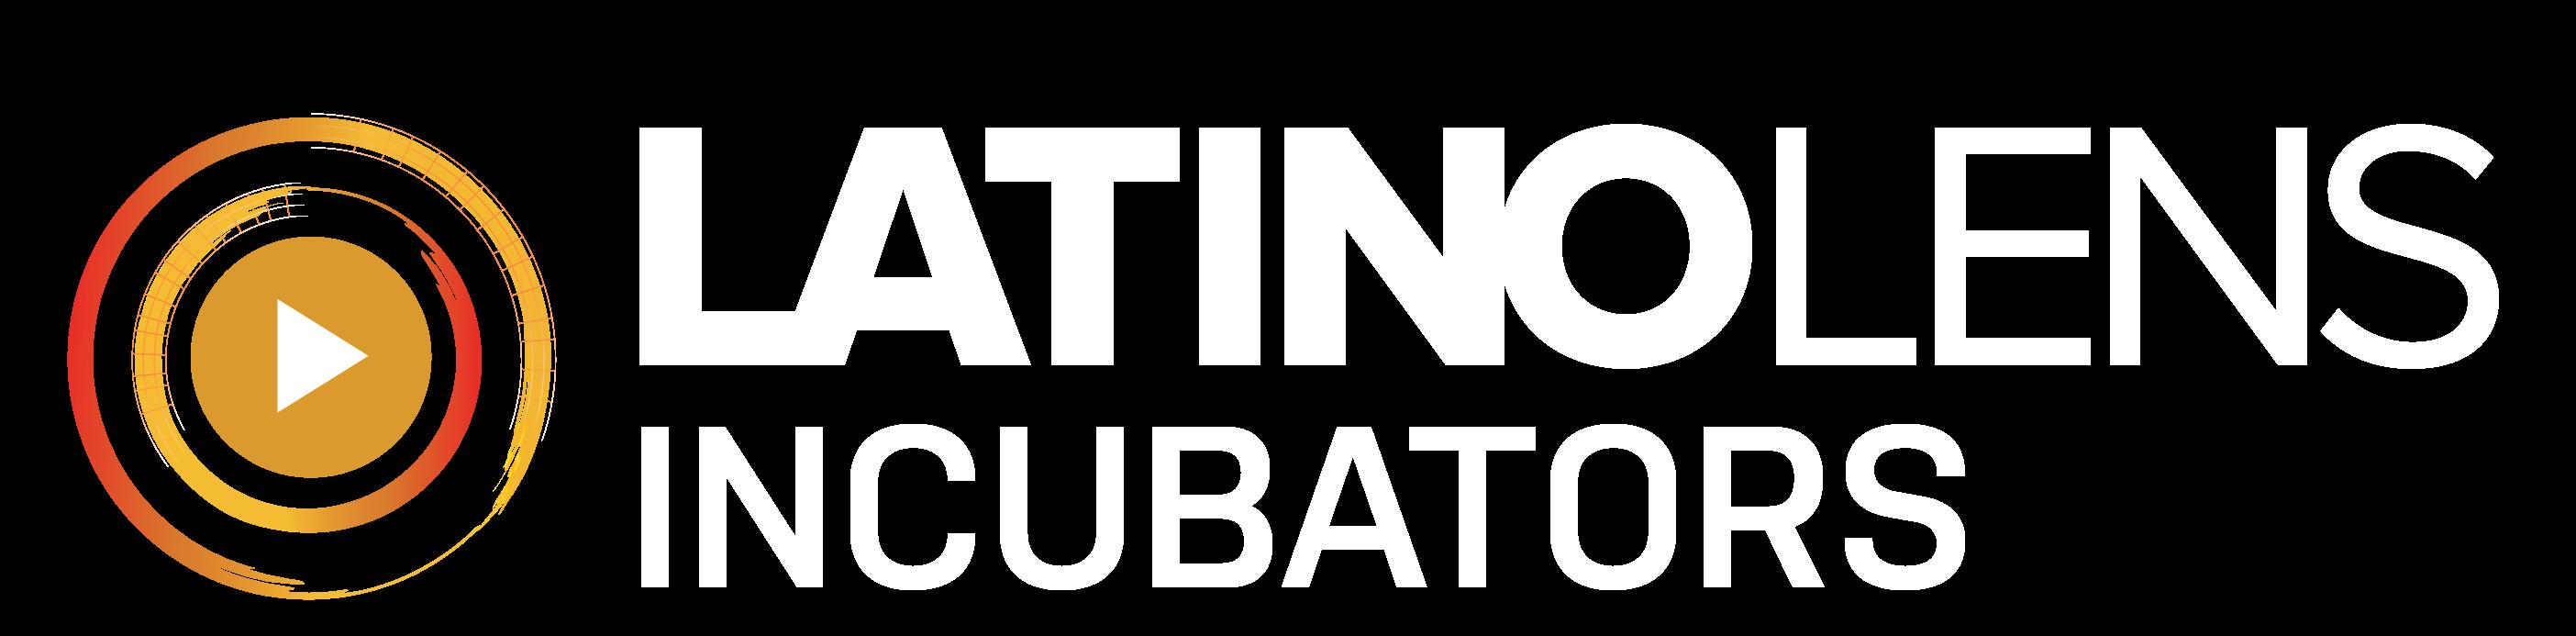 LLS_2017_Incubators_Logo.png